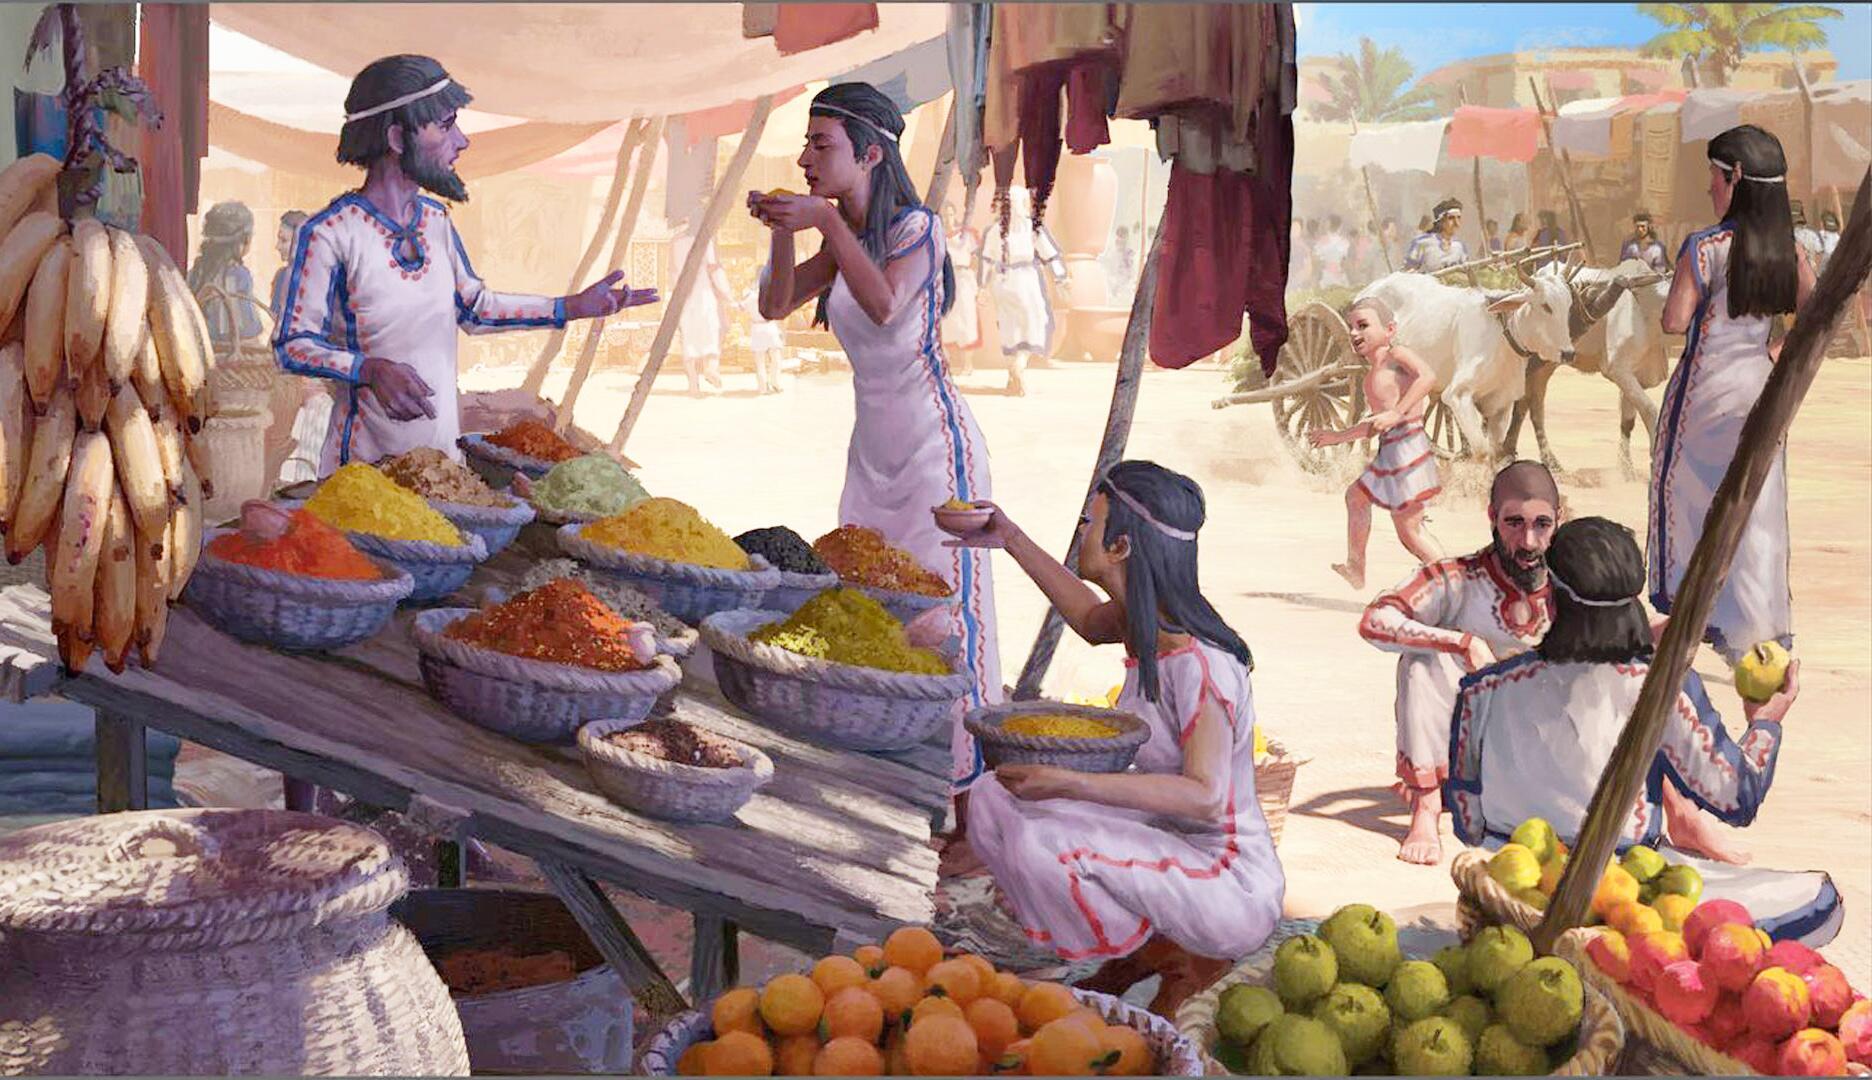 Bild zu Lebensmittel-Fernhandel in Asien schon vor 3500 Jahren